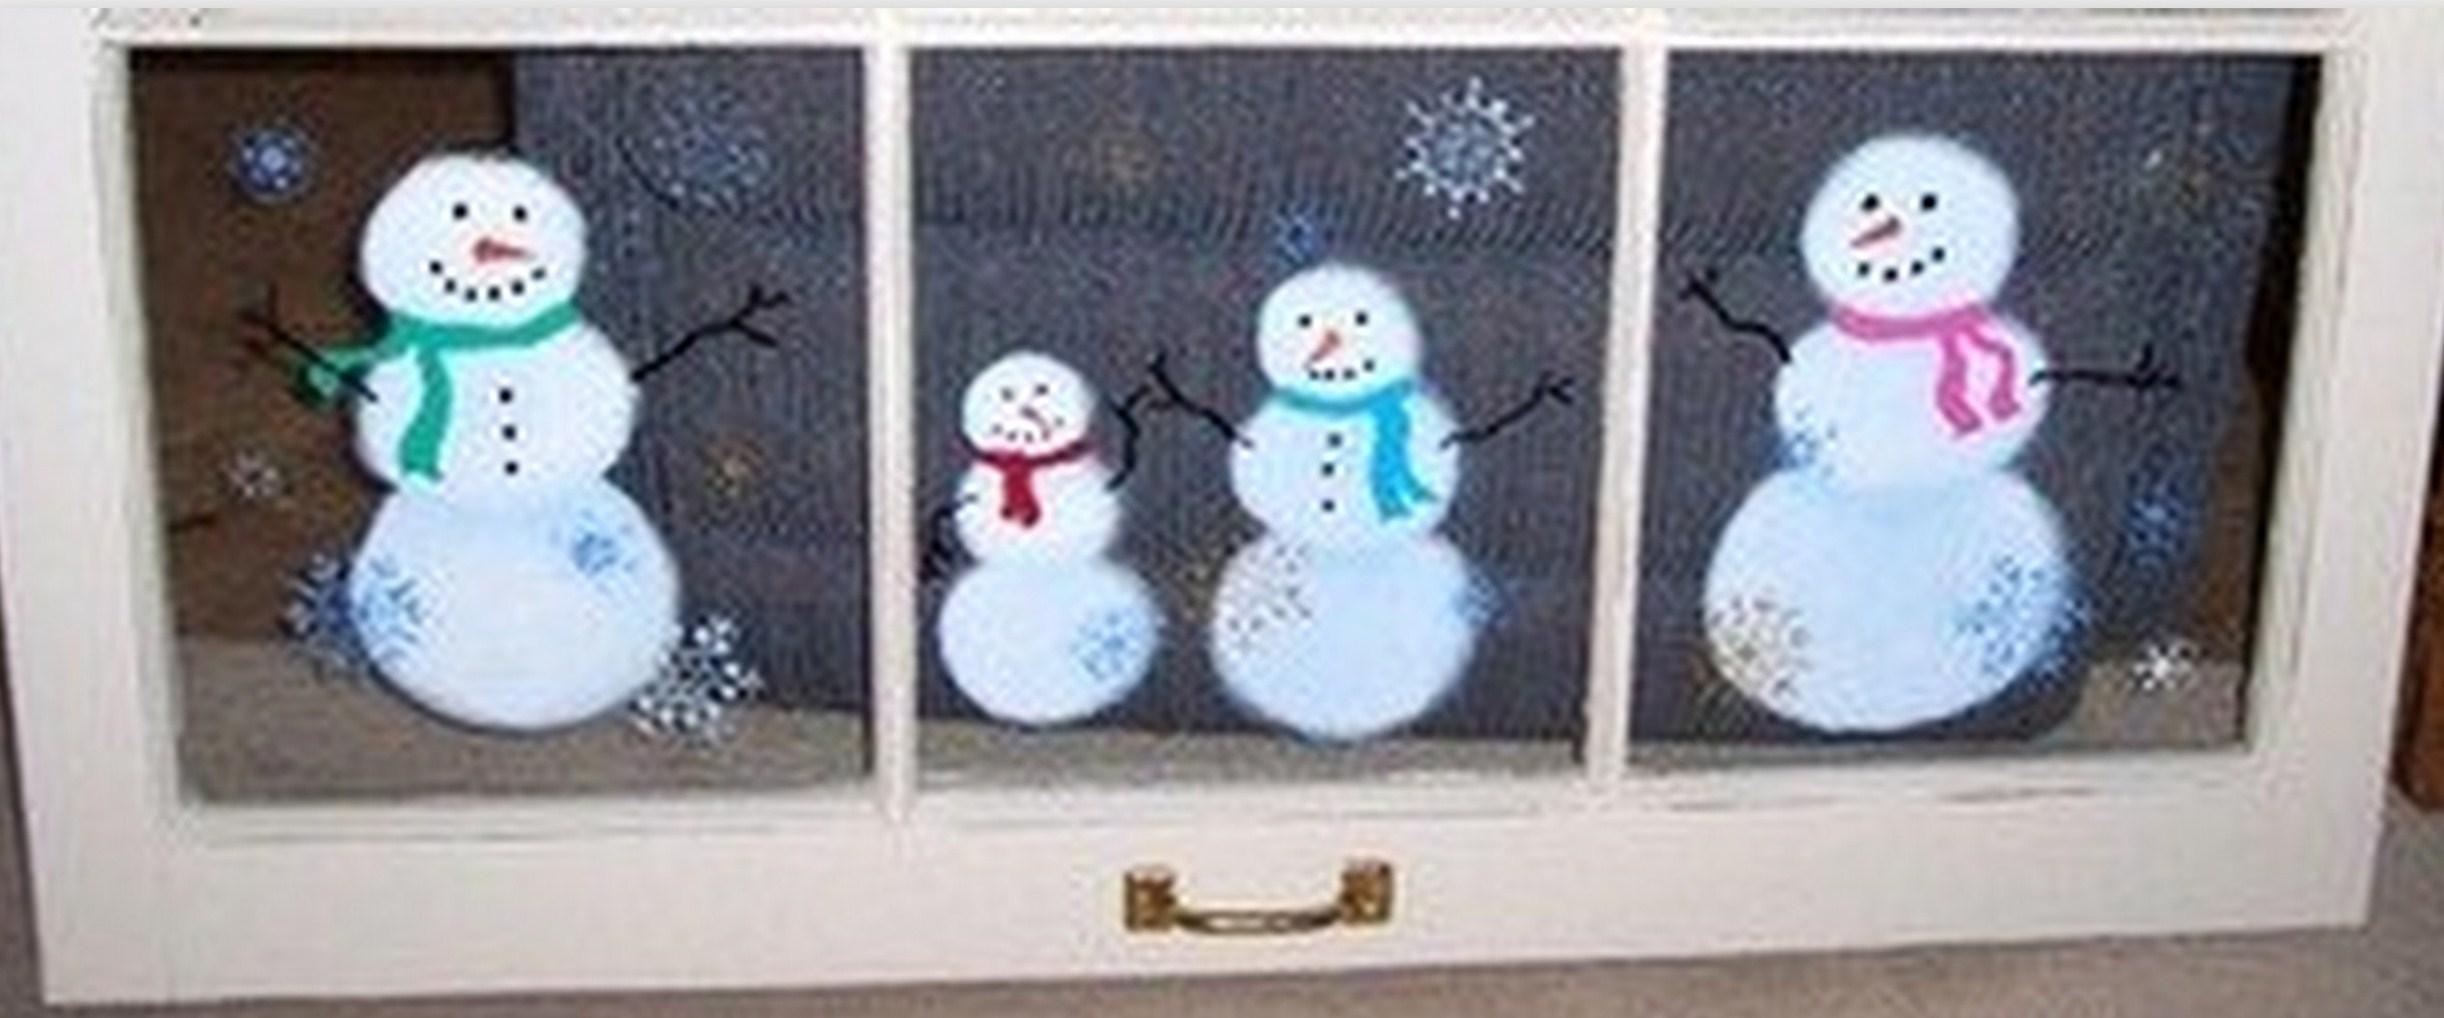 Peintures de no l sur vitres et fen tres mod les et tutos - Decoration de fenetre pour noel ...